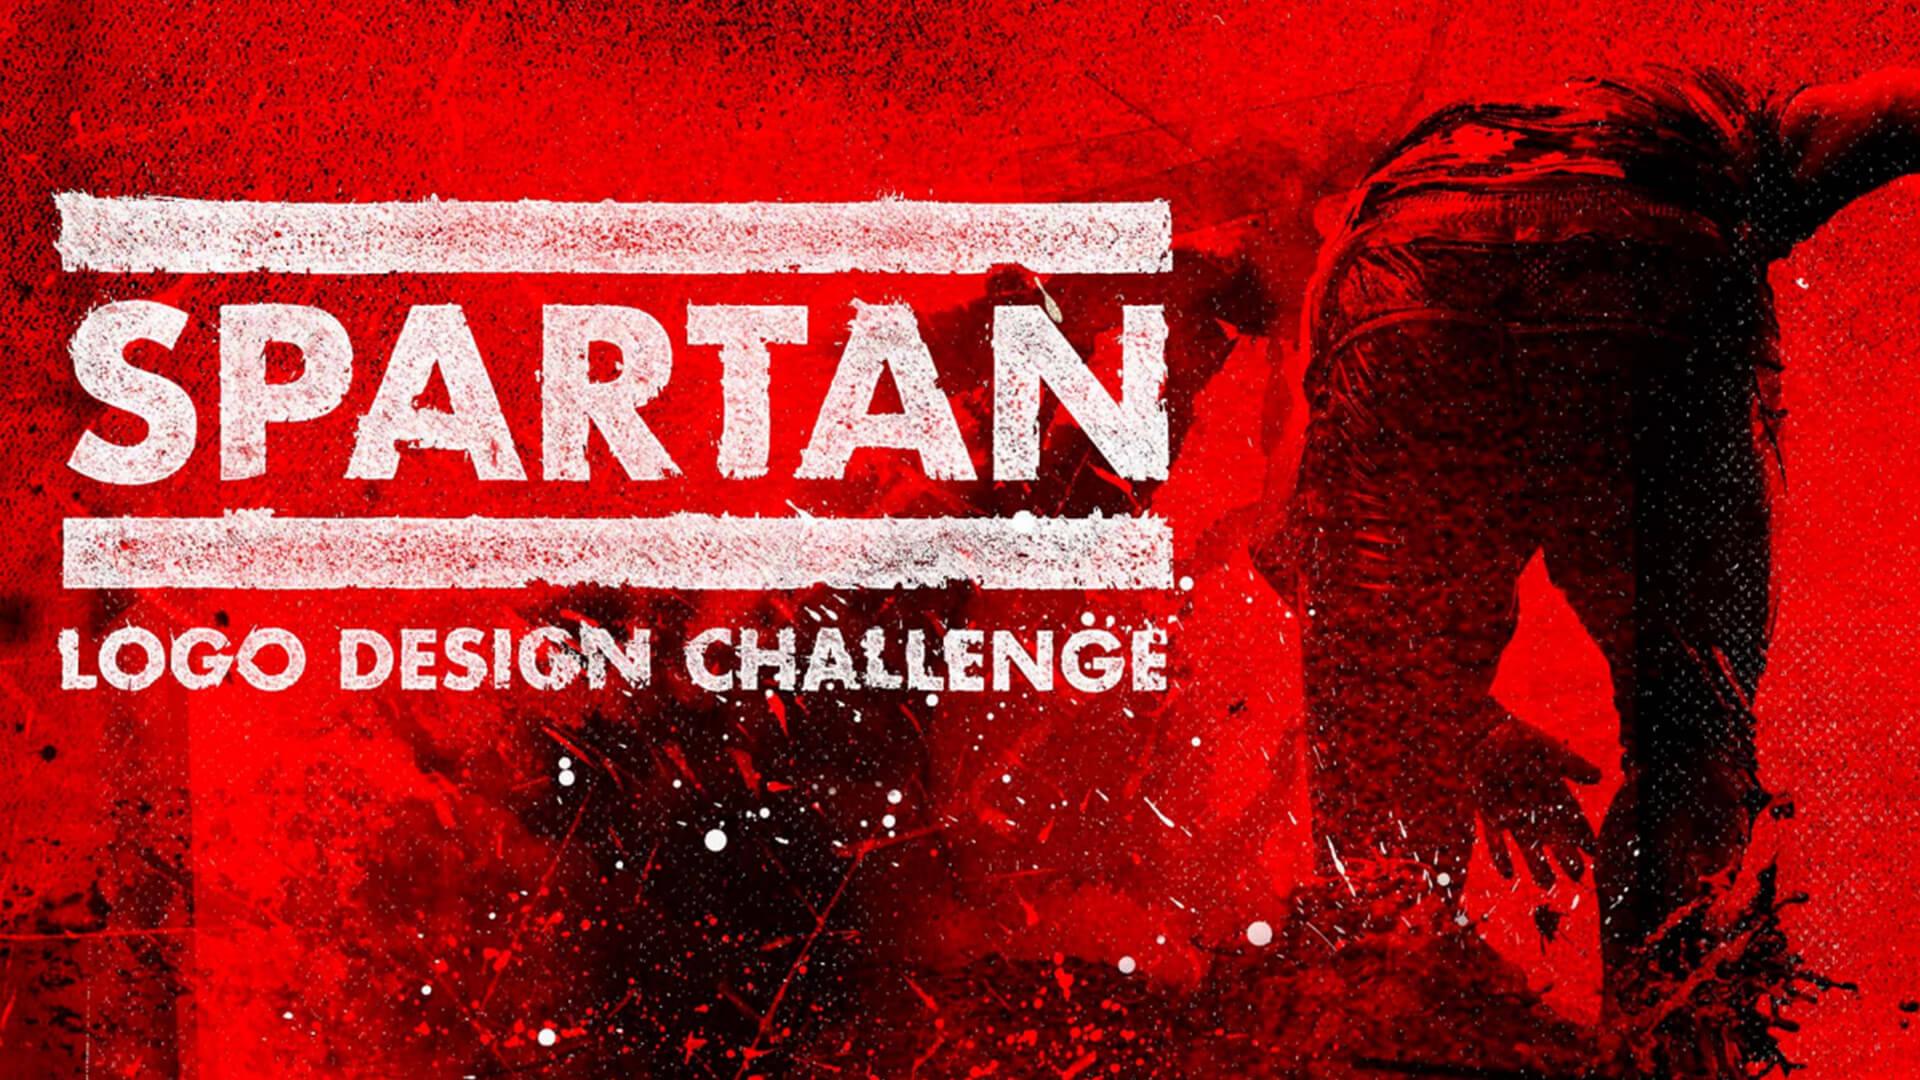 The Spartan Logo Design Challenge